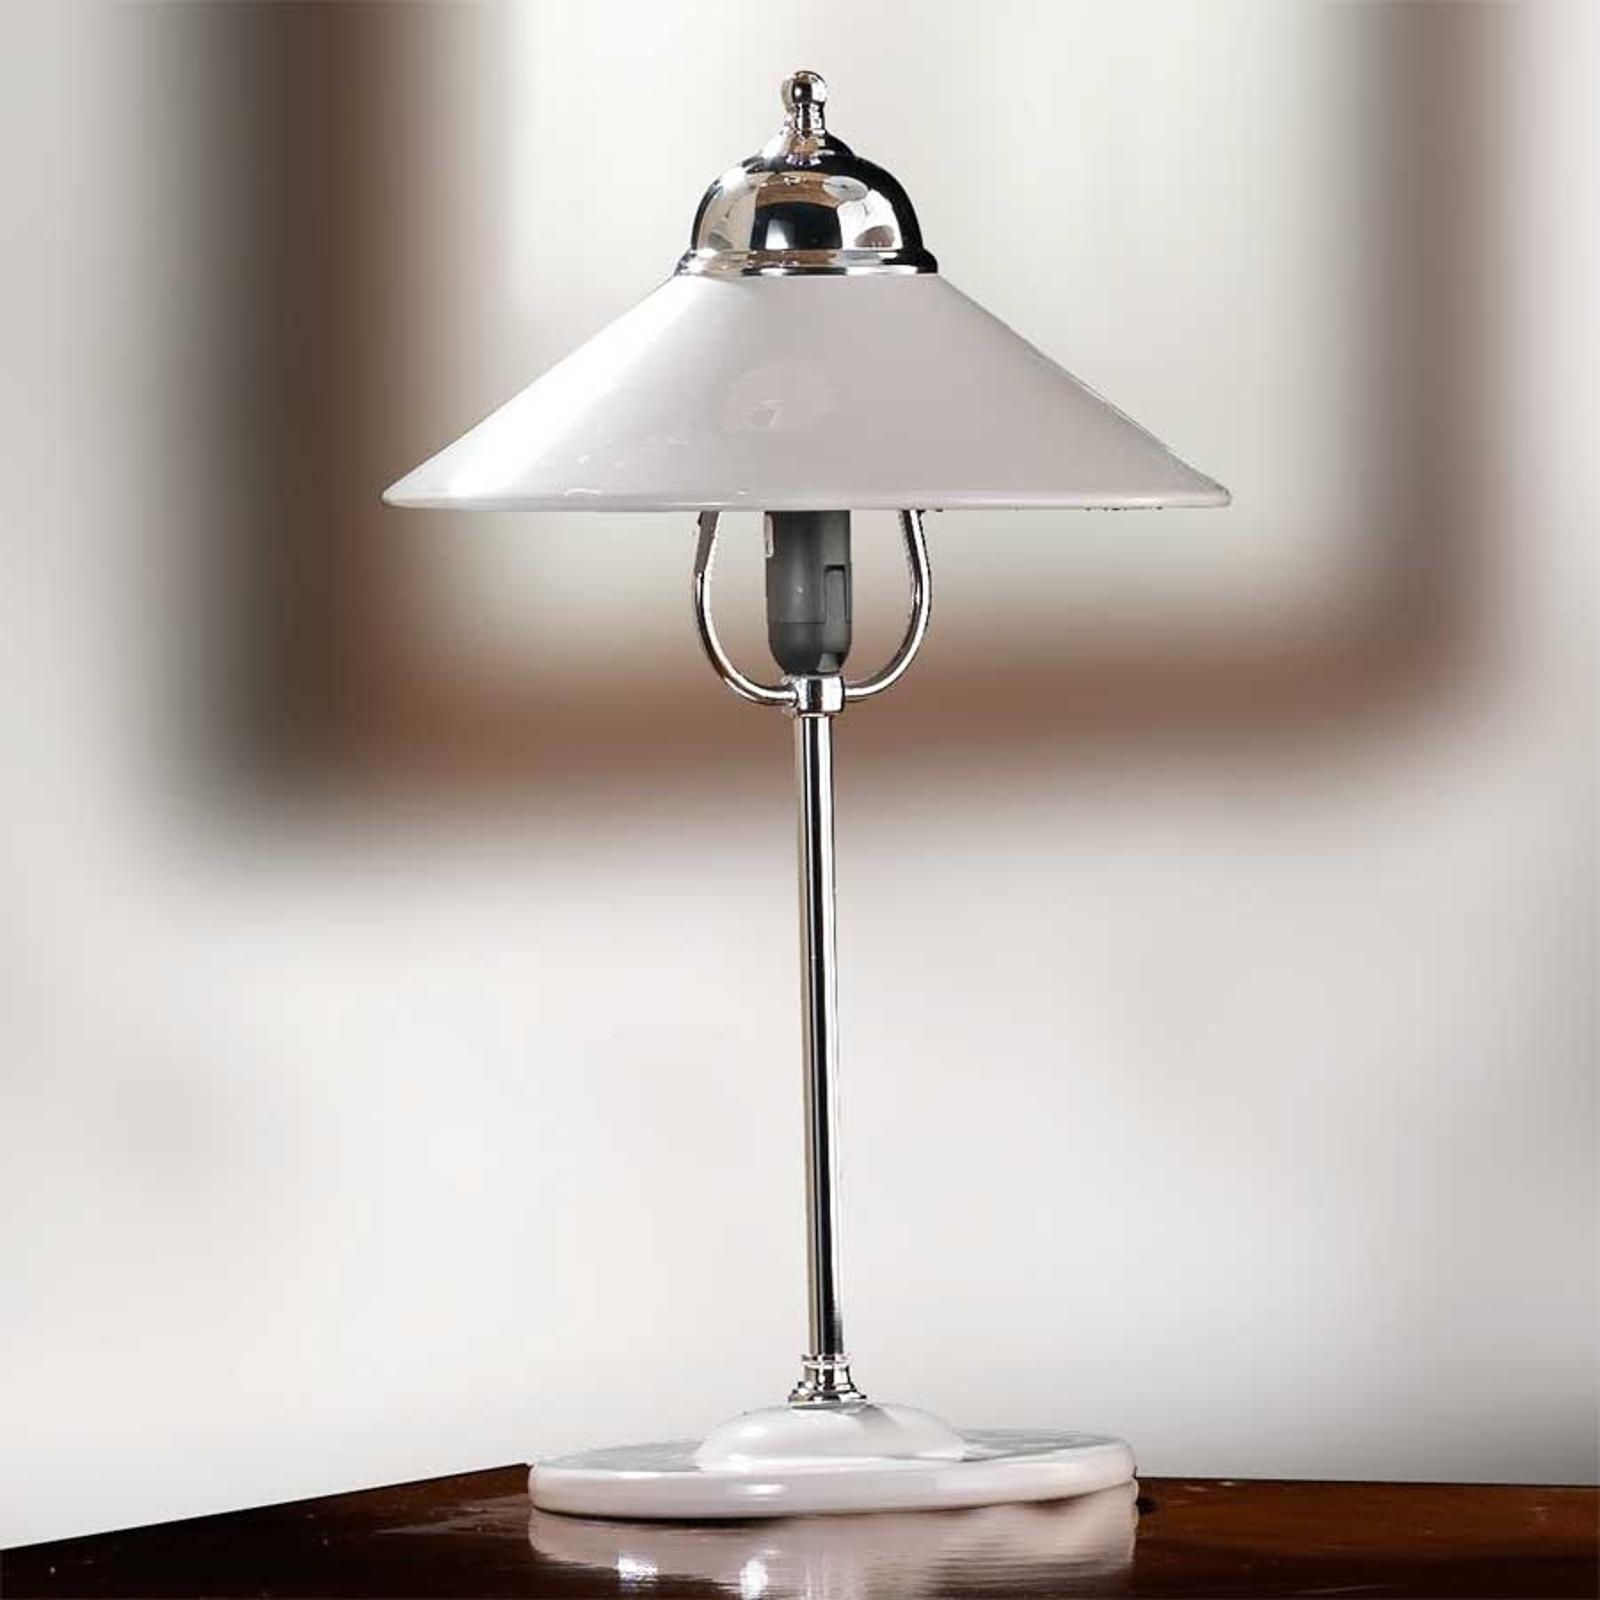 Lampada da tavolo GIACOMO, schermo di ceramica